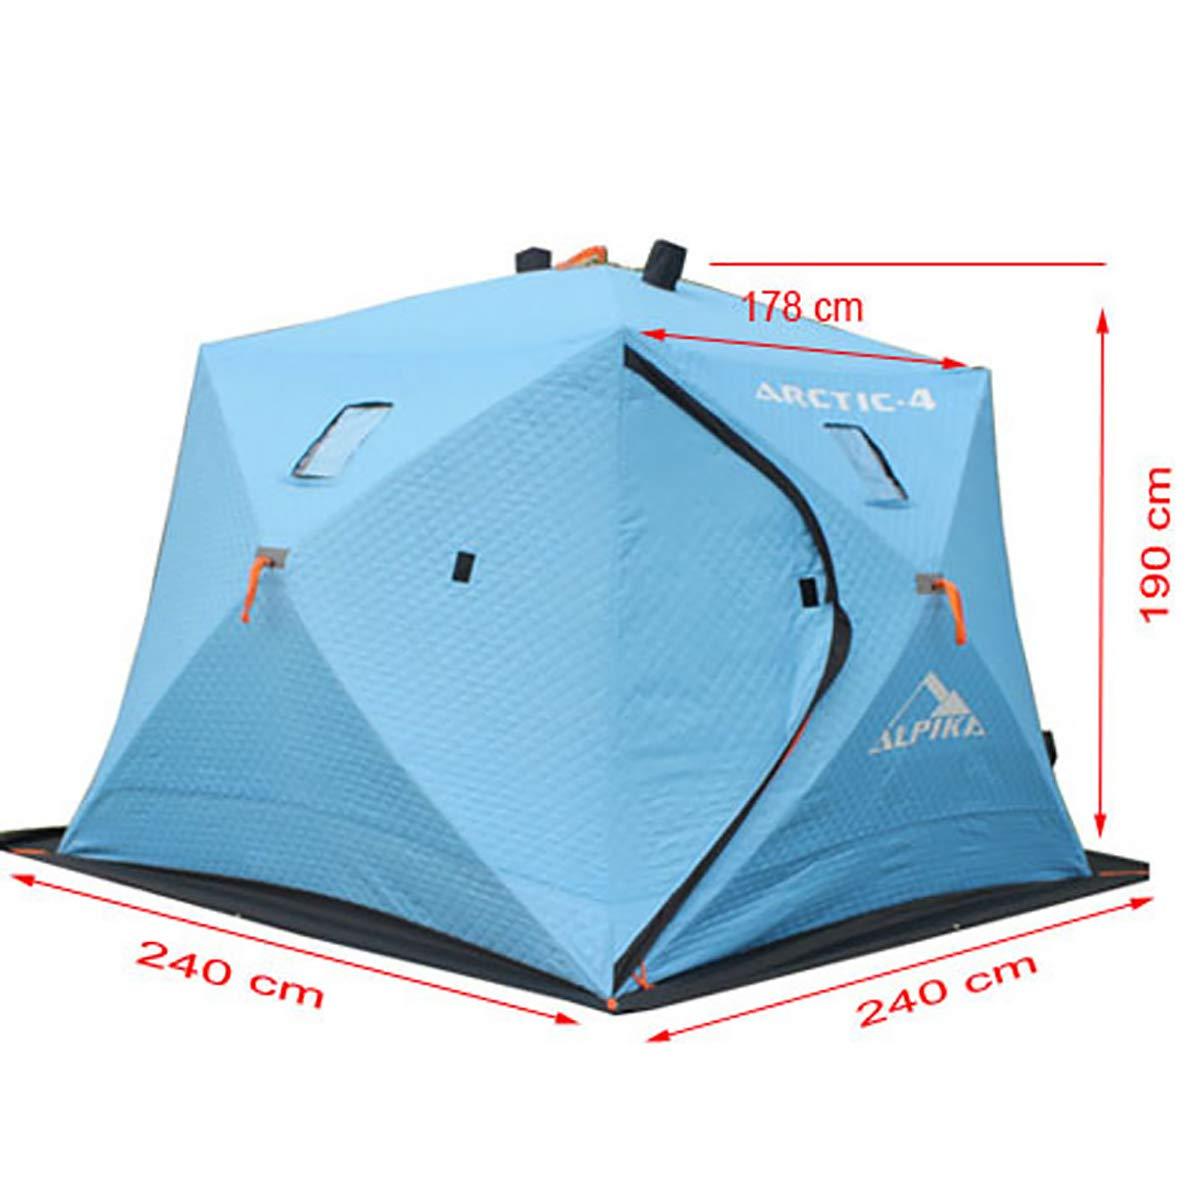 KälteBesteändige Eisfischenzelte Isolierte Isolierte Isolierte Baumwollzelte Tibetische Outdoor-Zelte Camping-Isolierung warme Zelte B07NQ1C46J Zelte Reichhaltiges Design 62b2f6